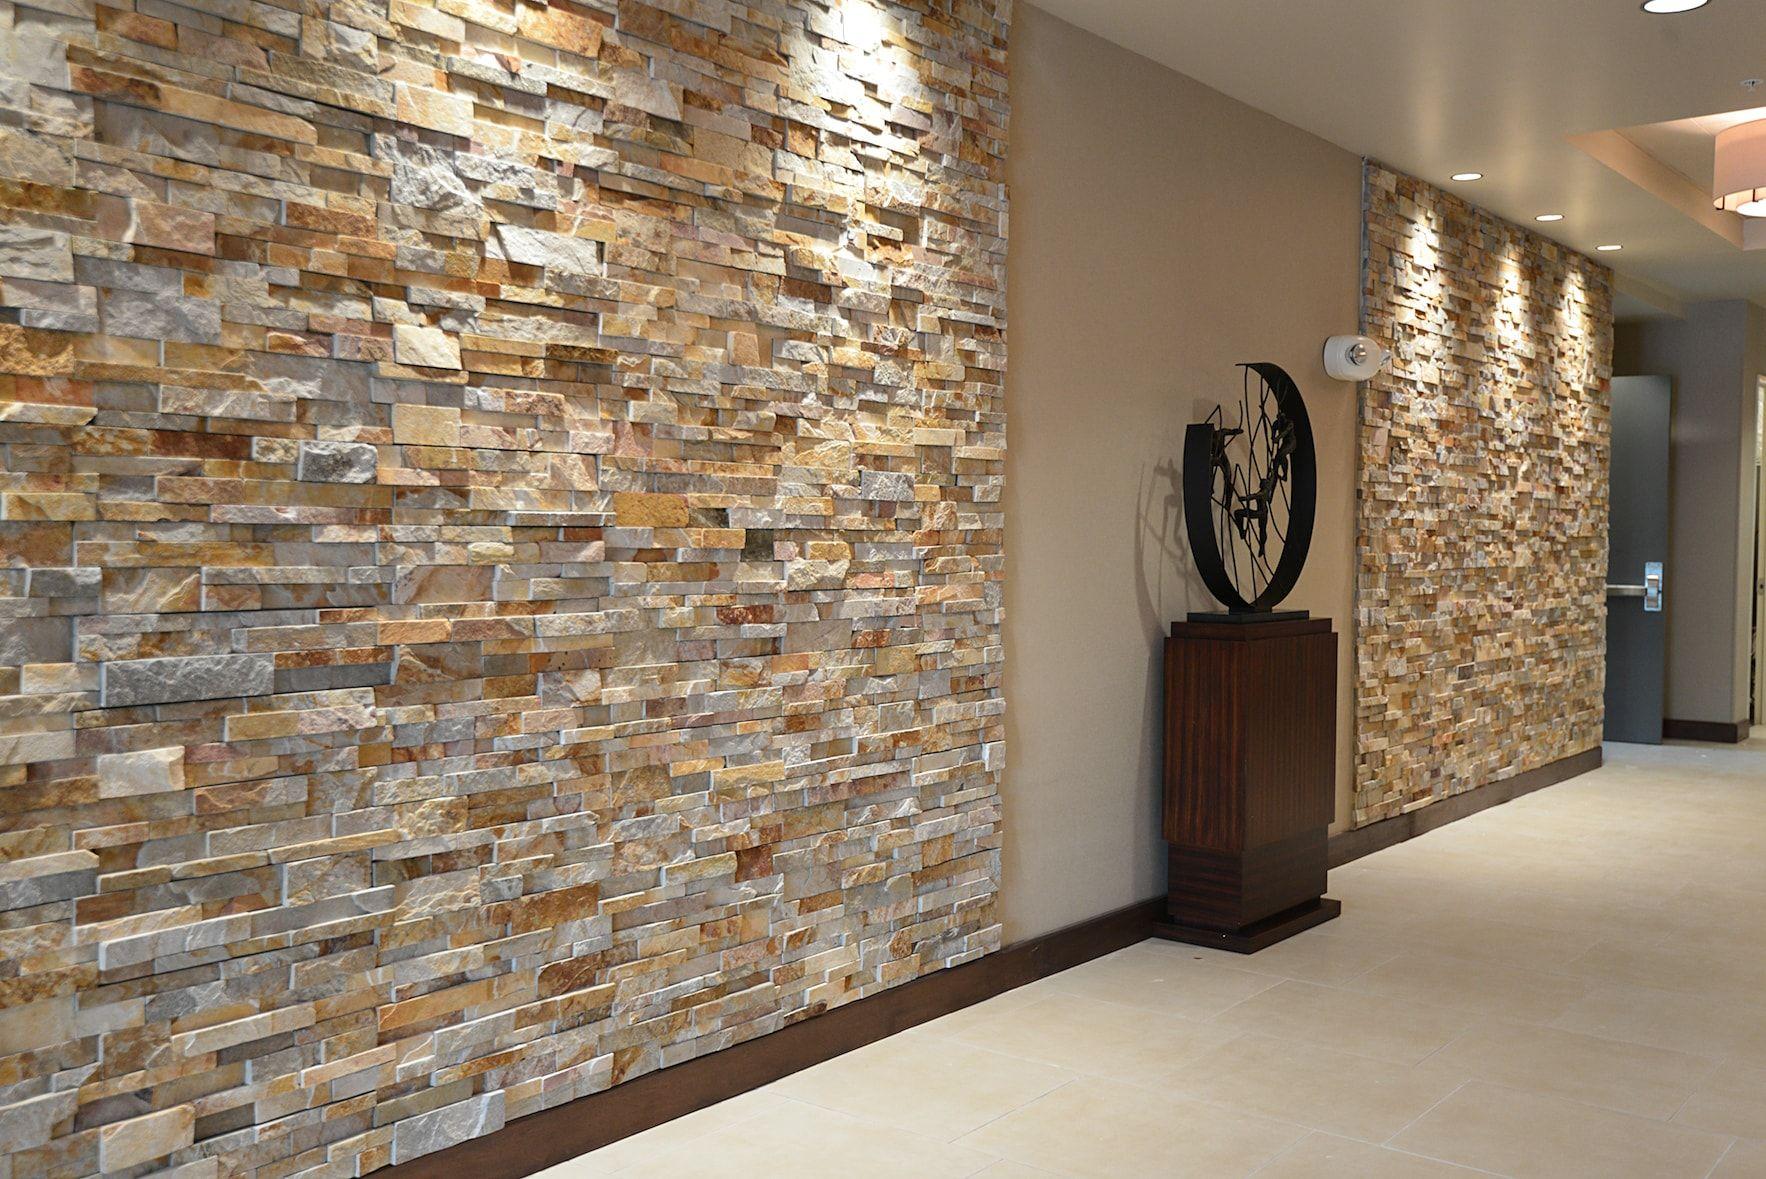 Desain Batu Alam Dinding Paling Keren Beserta Harganya Blog Qhomemart Macam macam batu alam